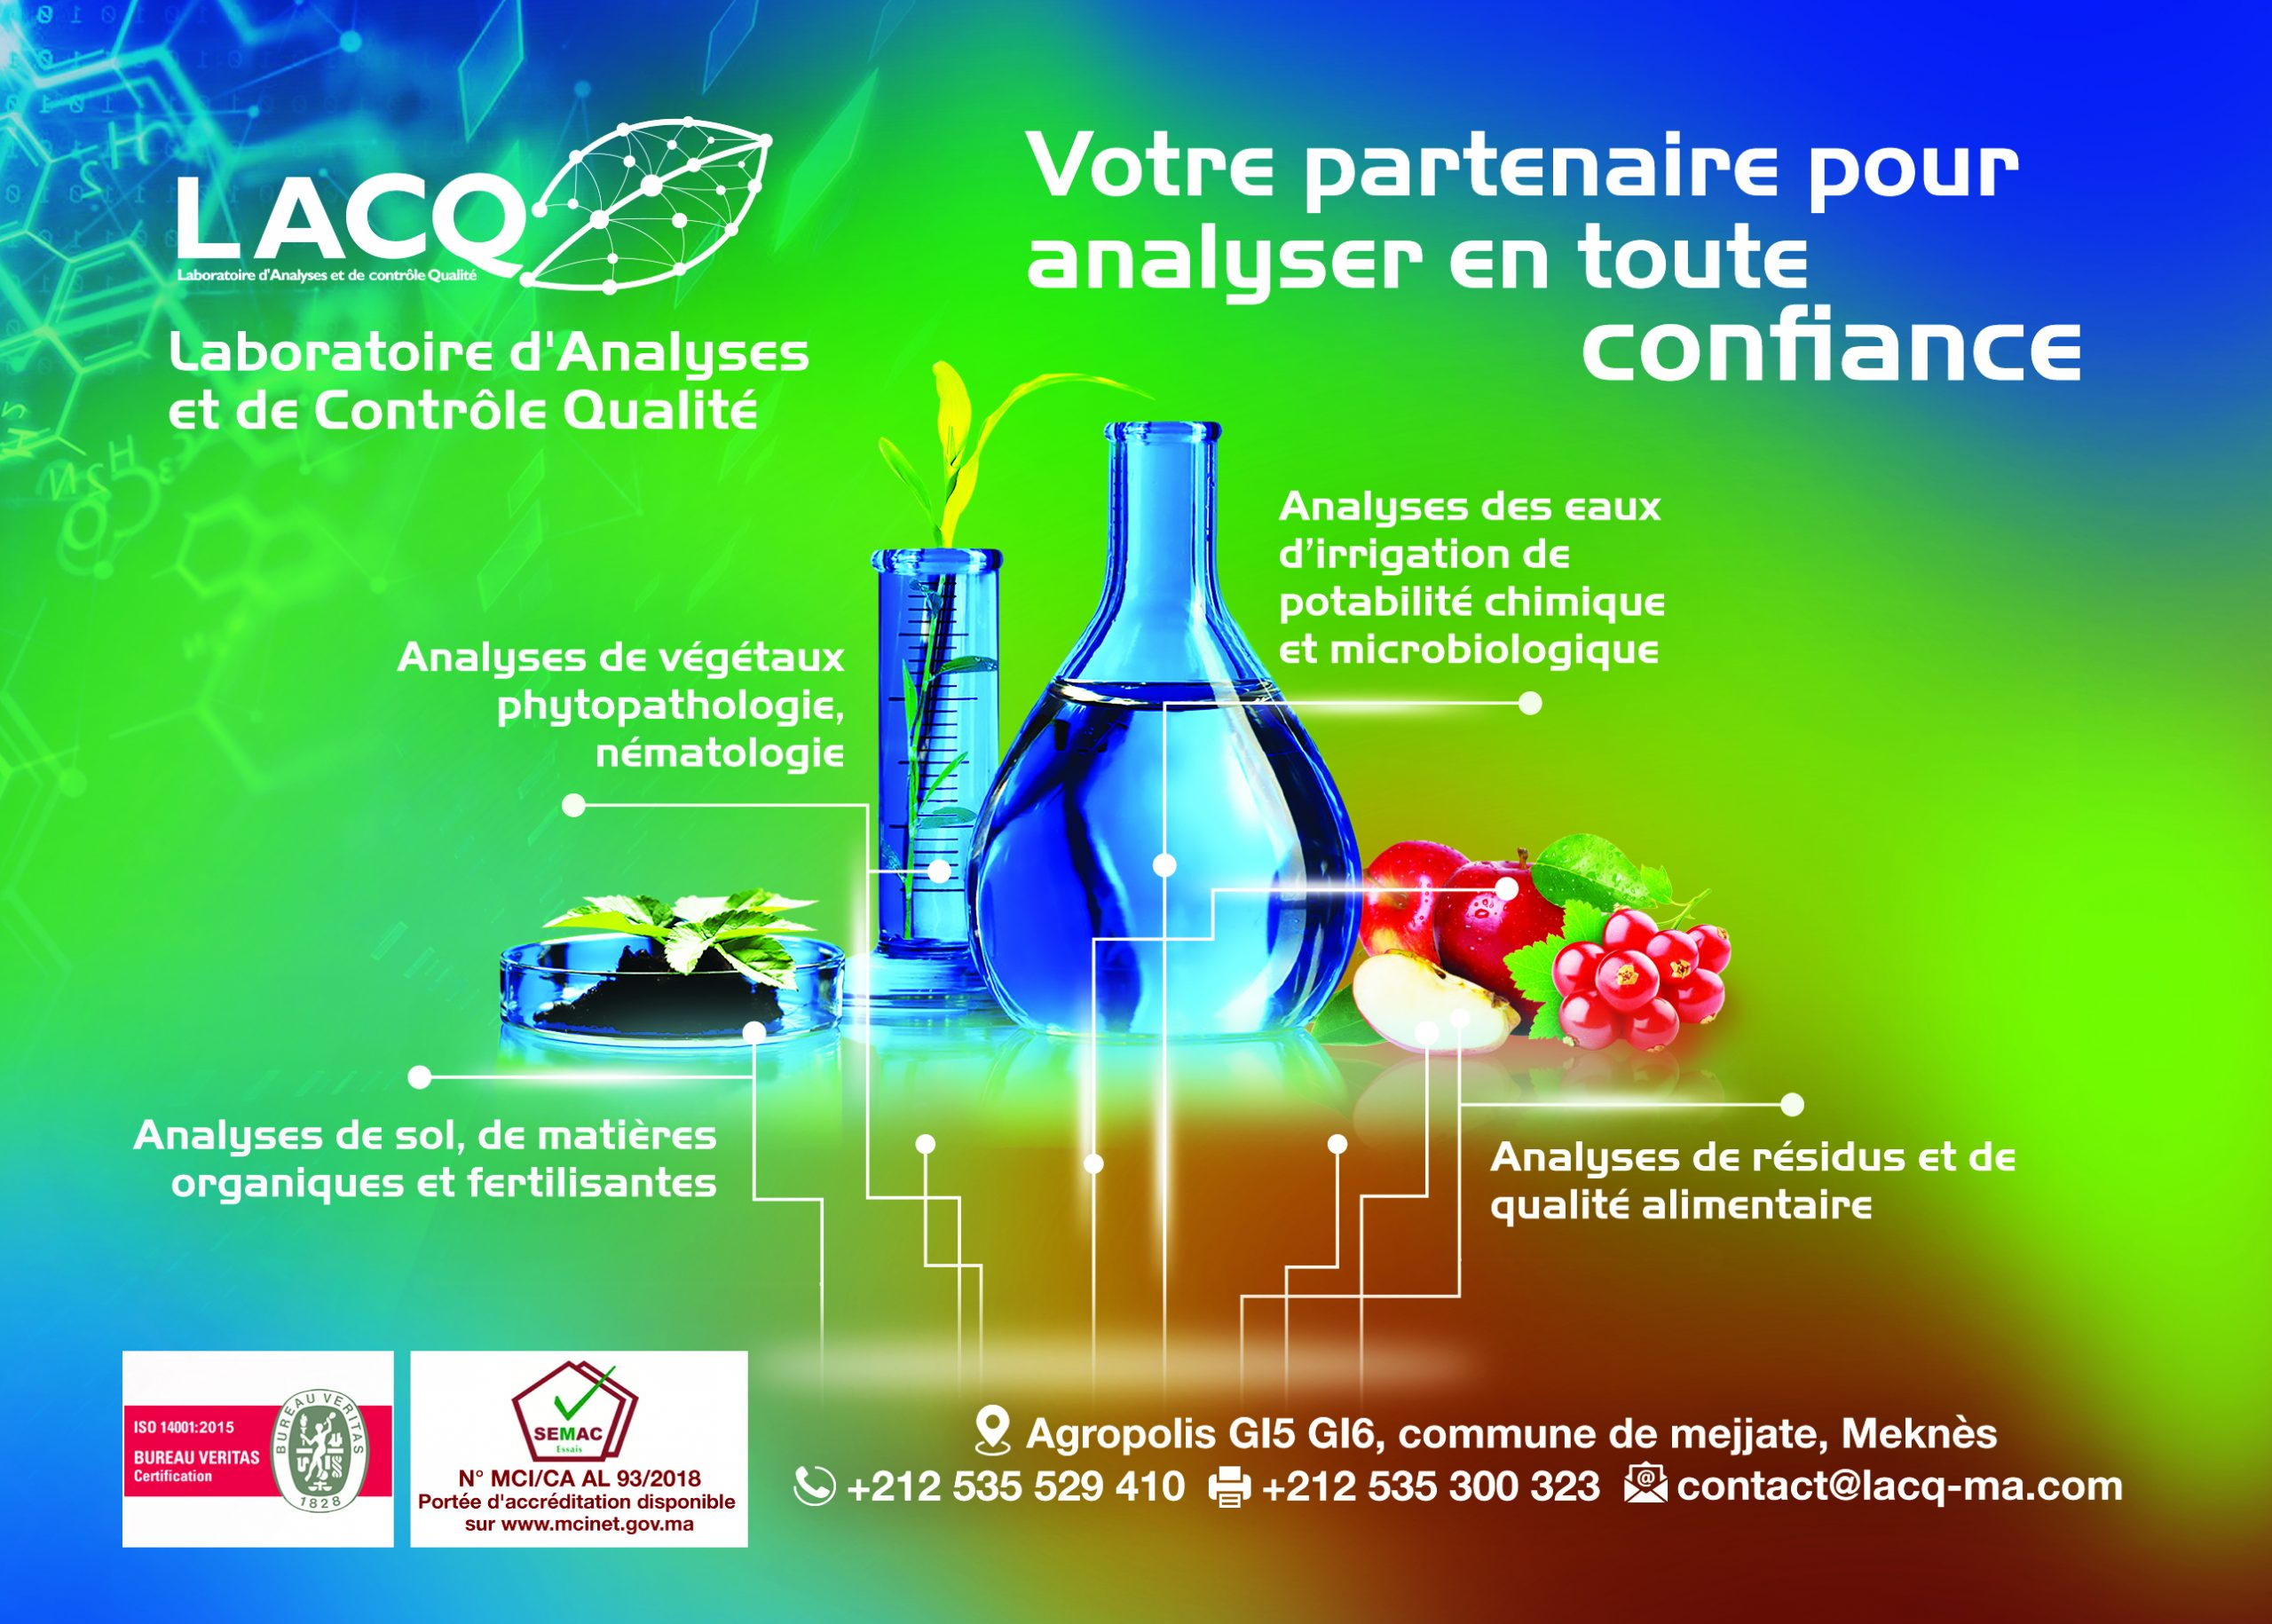 Accréditation du Laboratoire d'Analyses et de Contrôle Qualité  par le SEMAC